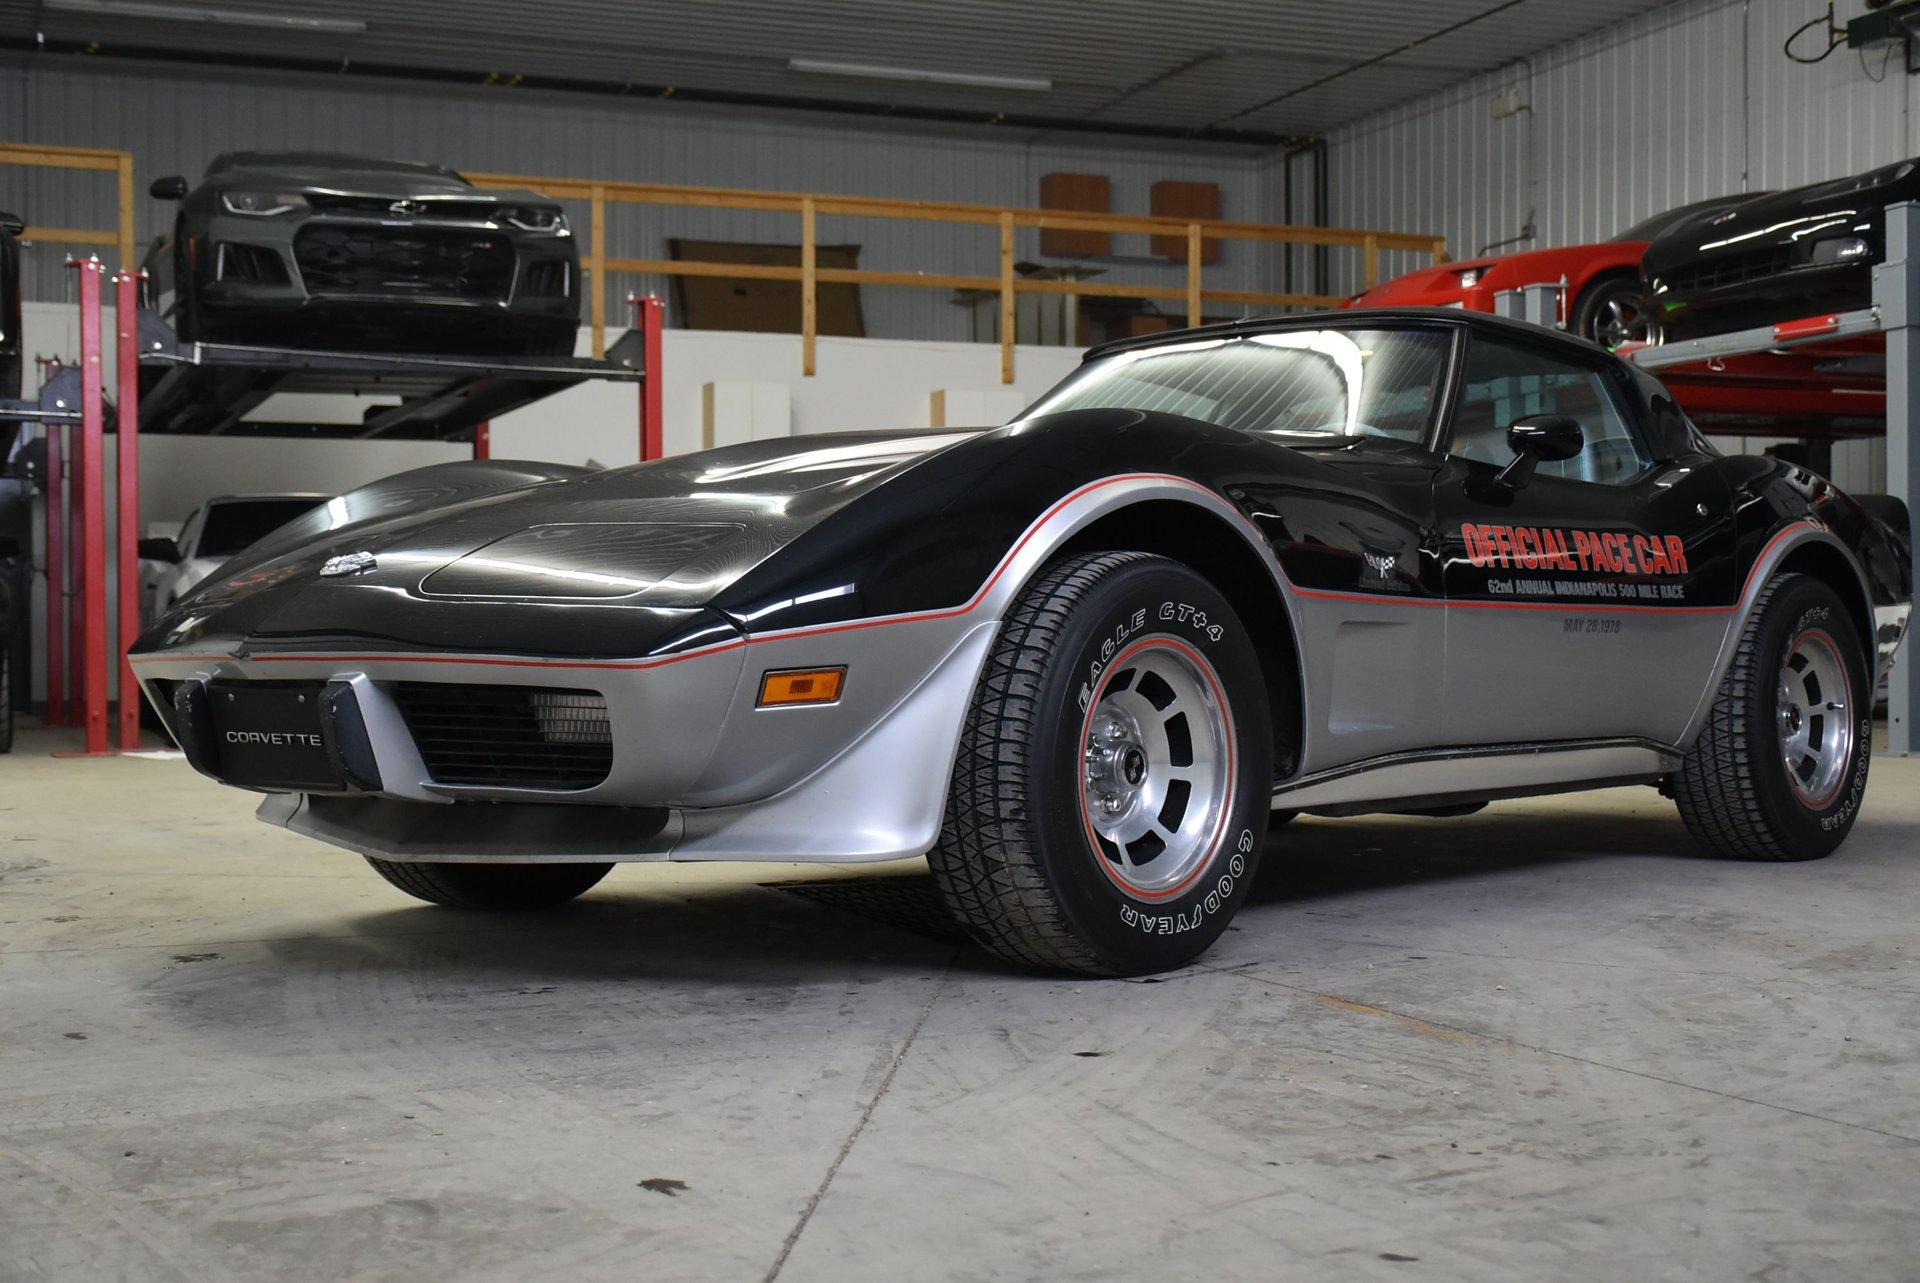 1978 chevrolet corvette limited edition pace car